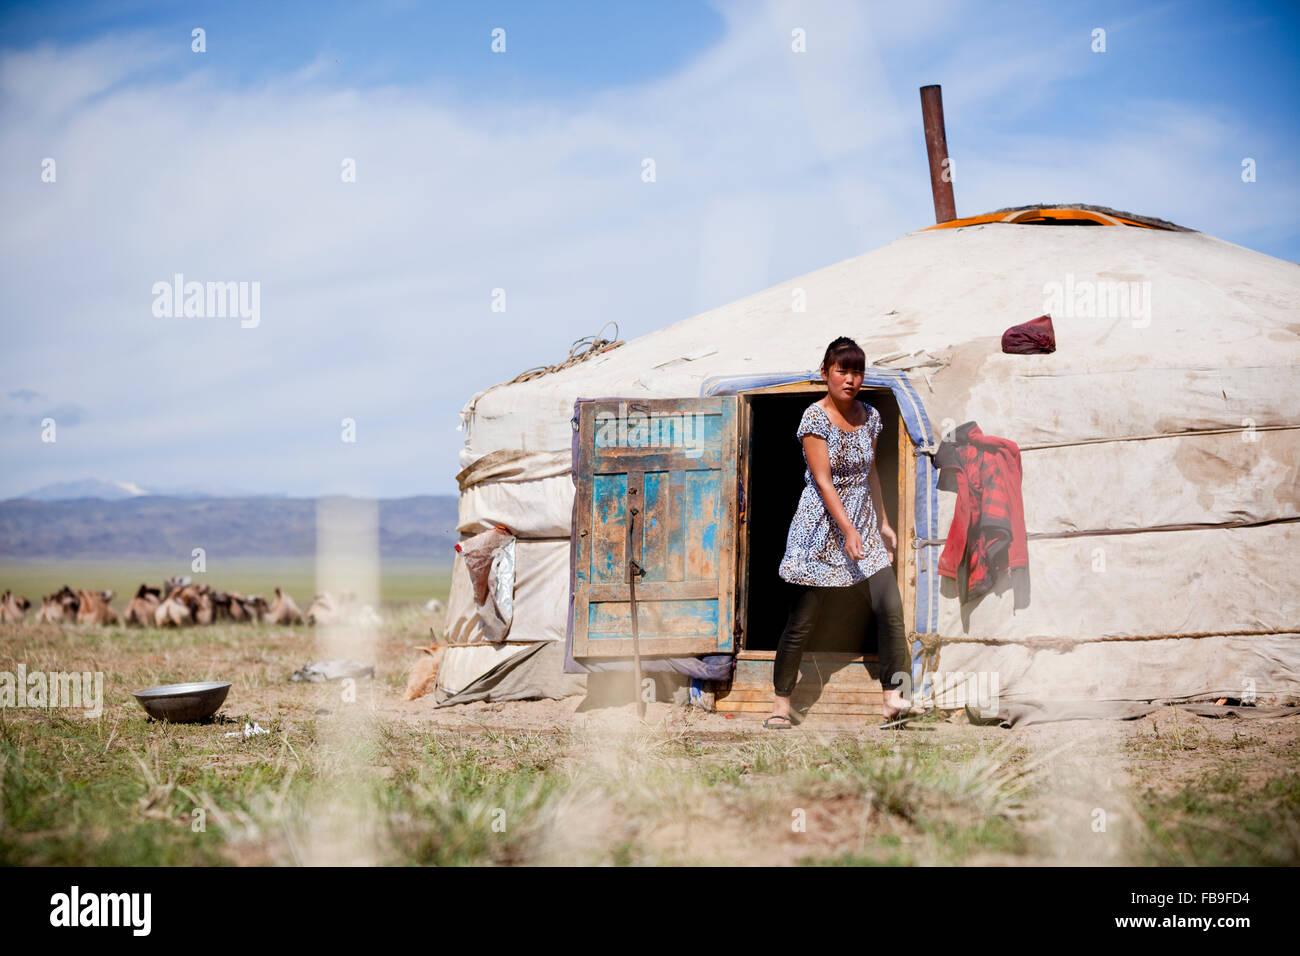 Ragazza emerge dalla famiglia nomade ger, Mongolia. Immagini Stock